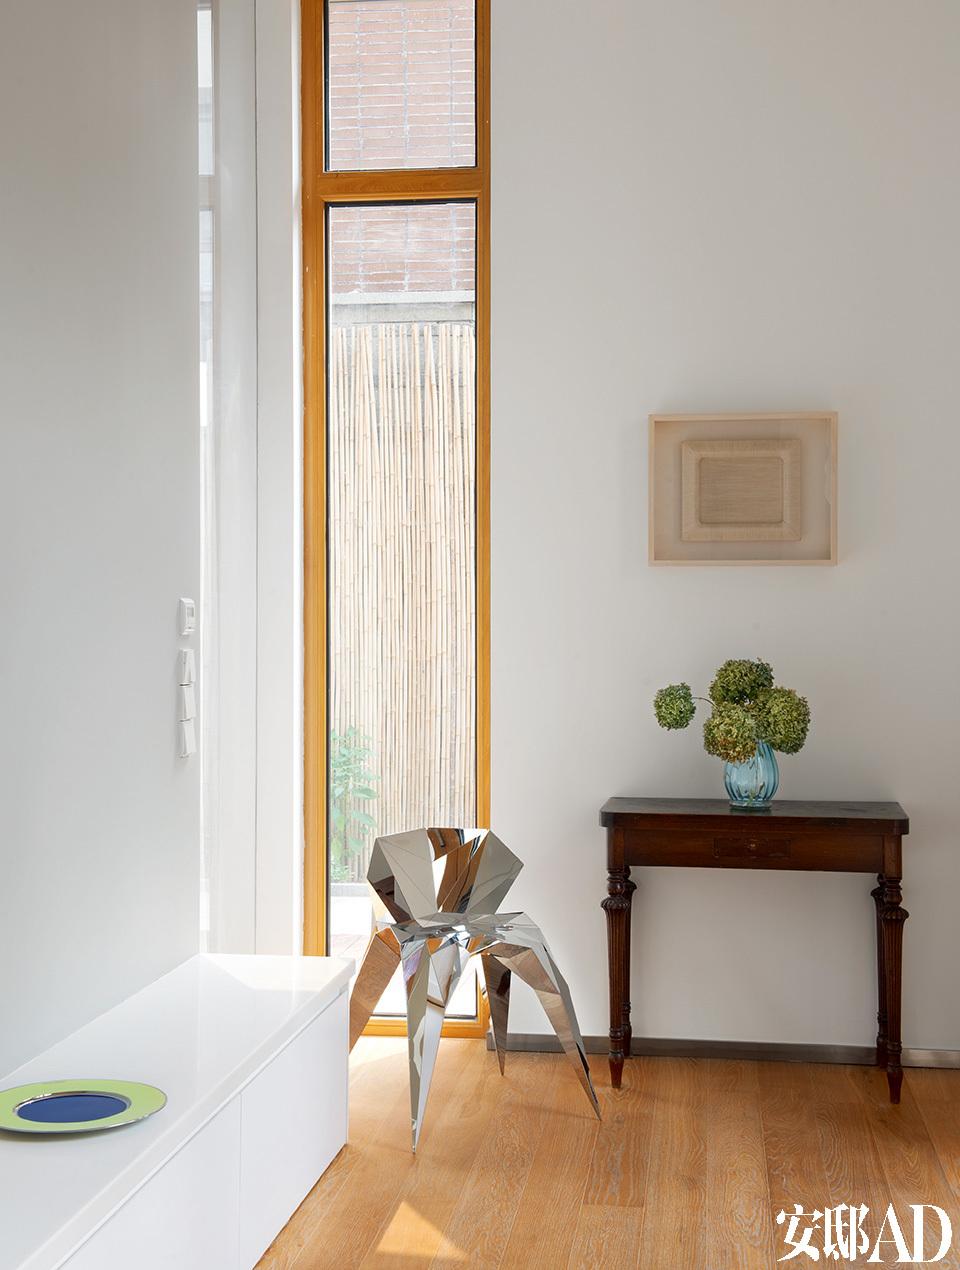 门厅处的装饰柜是20世纪30年代上海AreDeco风格的古董家具,购自上海,颇具未来感的镜面不锈钢单椅是艺术家张周捷的作品。